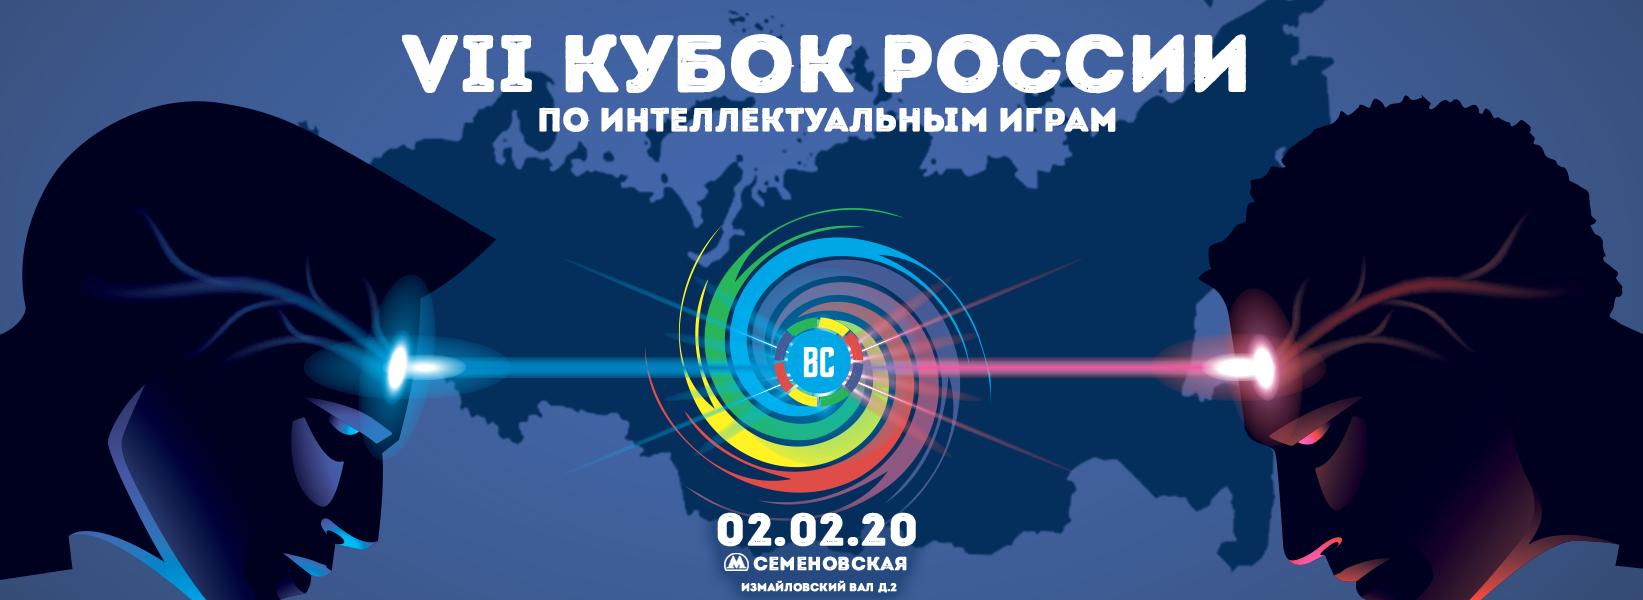 VII КУБОК РОССИИ-2020 по интеллектуальным играм #встрелок